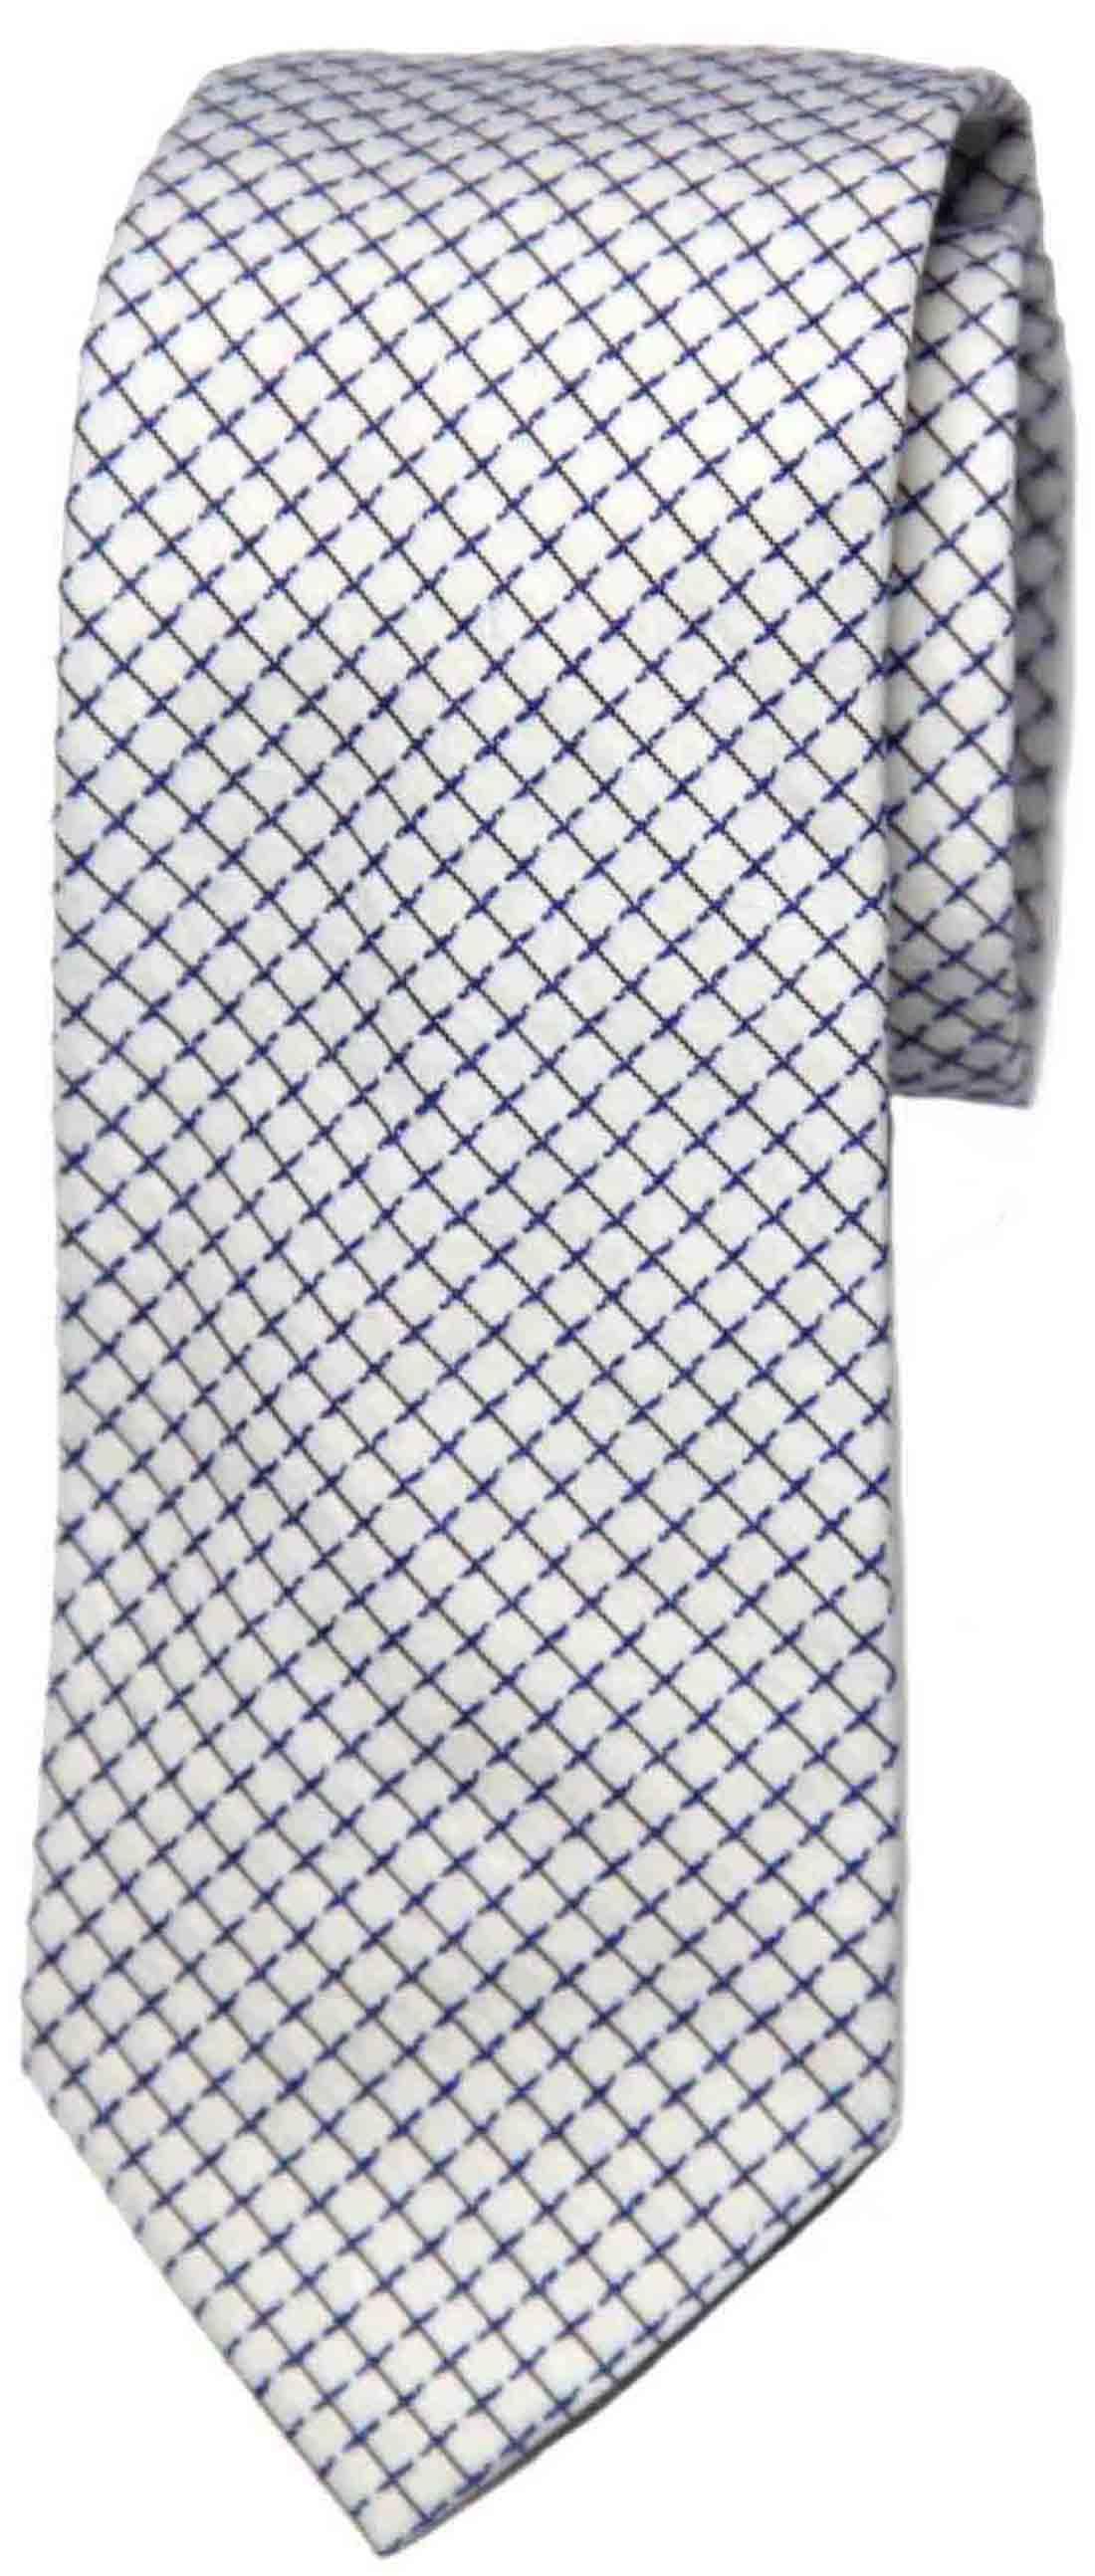 Armani Collezioni Tie Cotton White Blue Men's